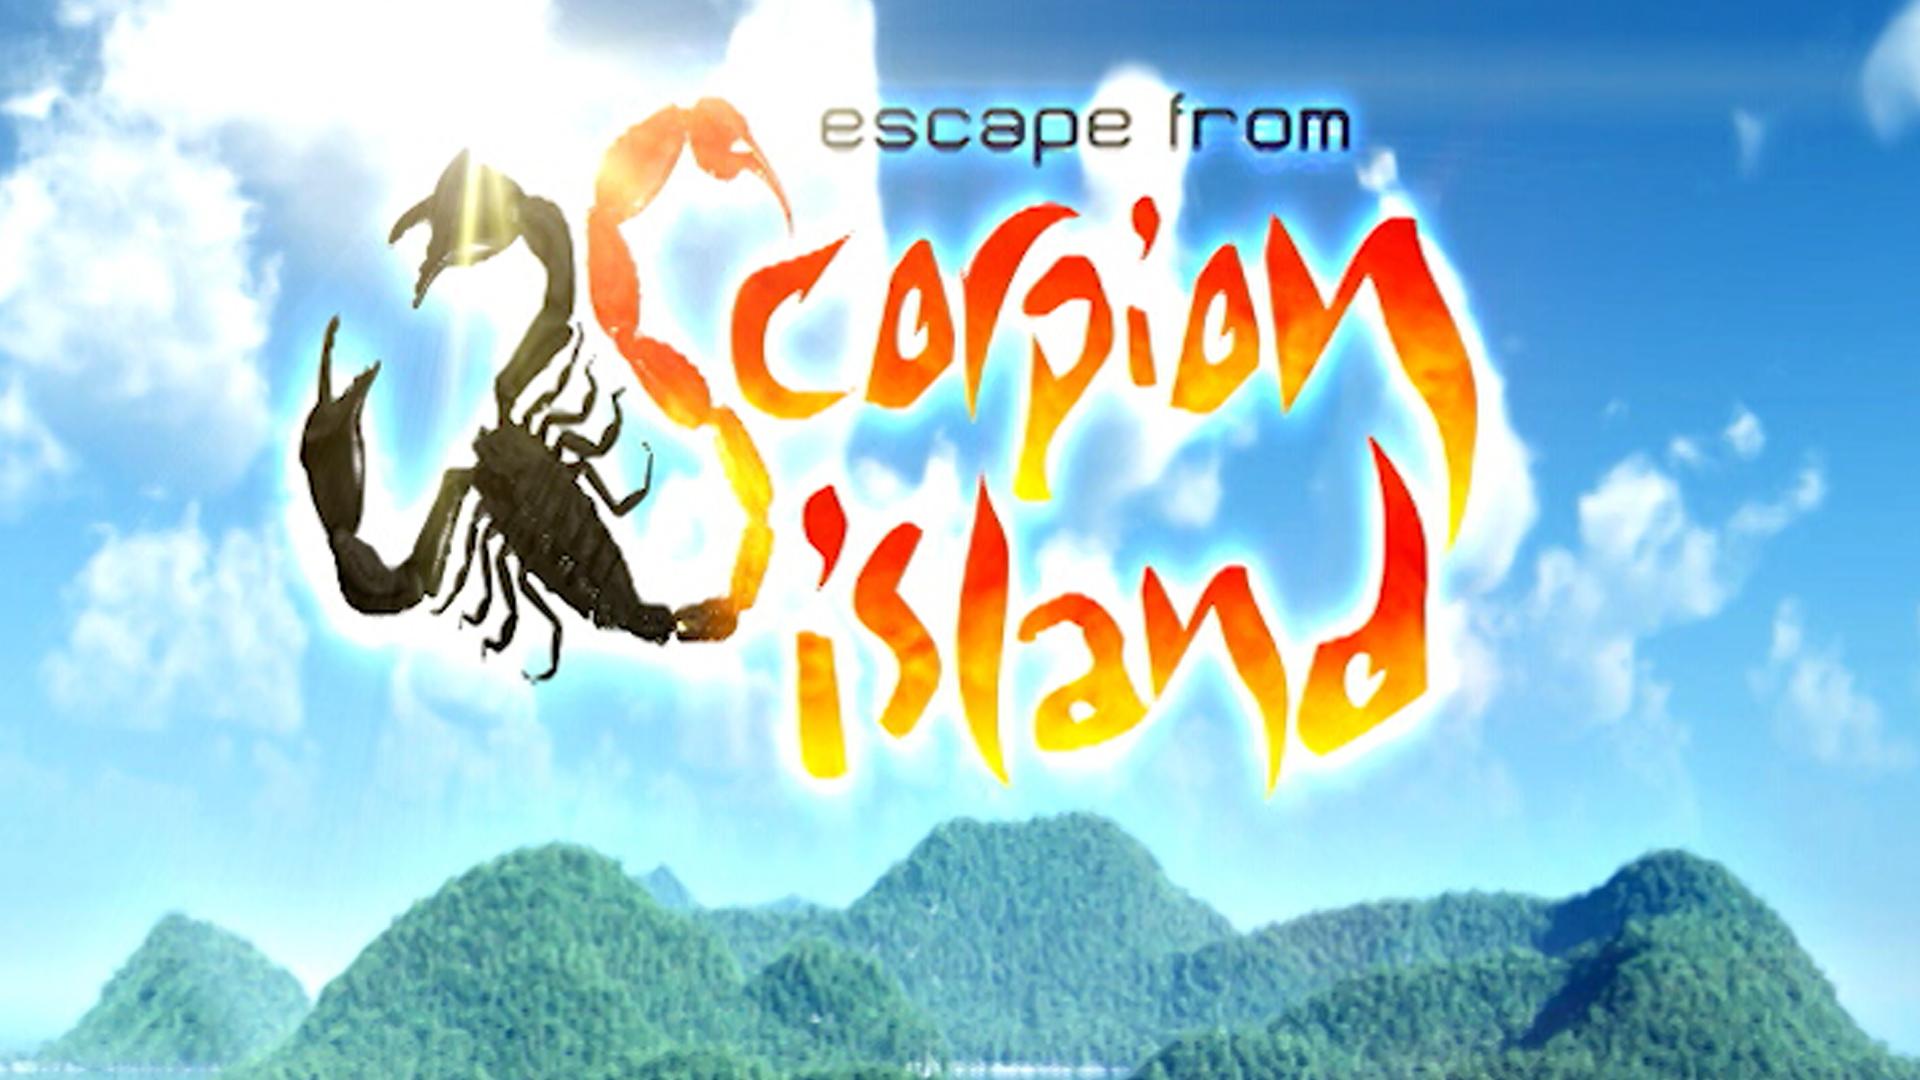 Escape from Scorpion Island